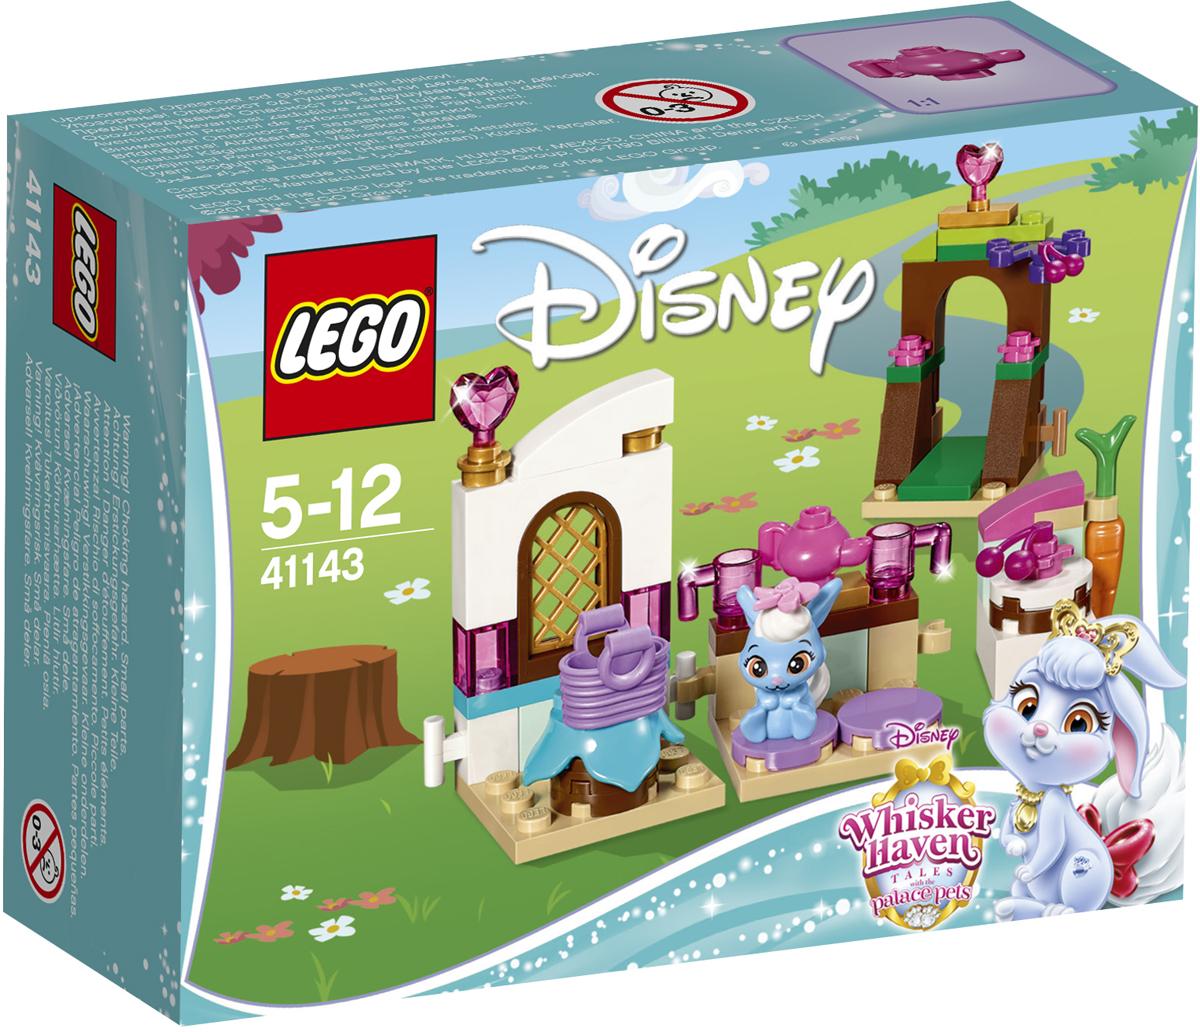 LEGO Disney Princesses Конструктор Кухня Ягодки 4114341143Отправляйся на прекрасно оборудованную кухню Ягодки, крольчонка принцессы Disney Белоснежки, и приступай к работе. Ягодка обожает печь пироги и устраивать вечеринки для своих друзей. Подойди к ажурной калитке, над которой нависают ветви вишнёвого дерева, и собери несколько ягод, чтобы украсить пирог. Пока пирог выпекается, можешь положить ягоды на стол у окна. Когда до прихода гостей останется несколько минут, можно успеть немножко отдохнуть и выпить чашку чая.